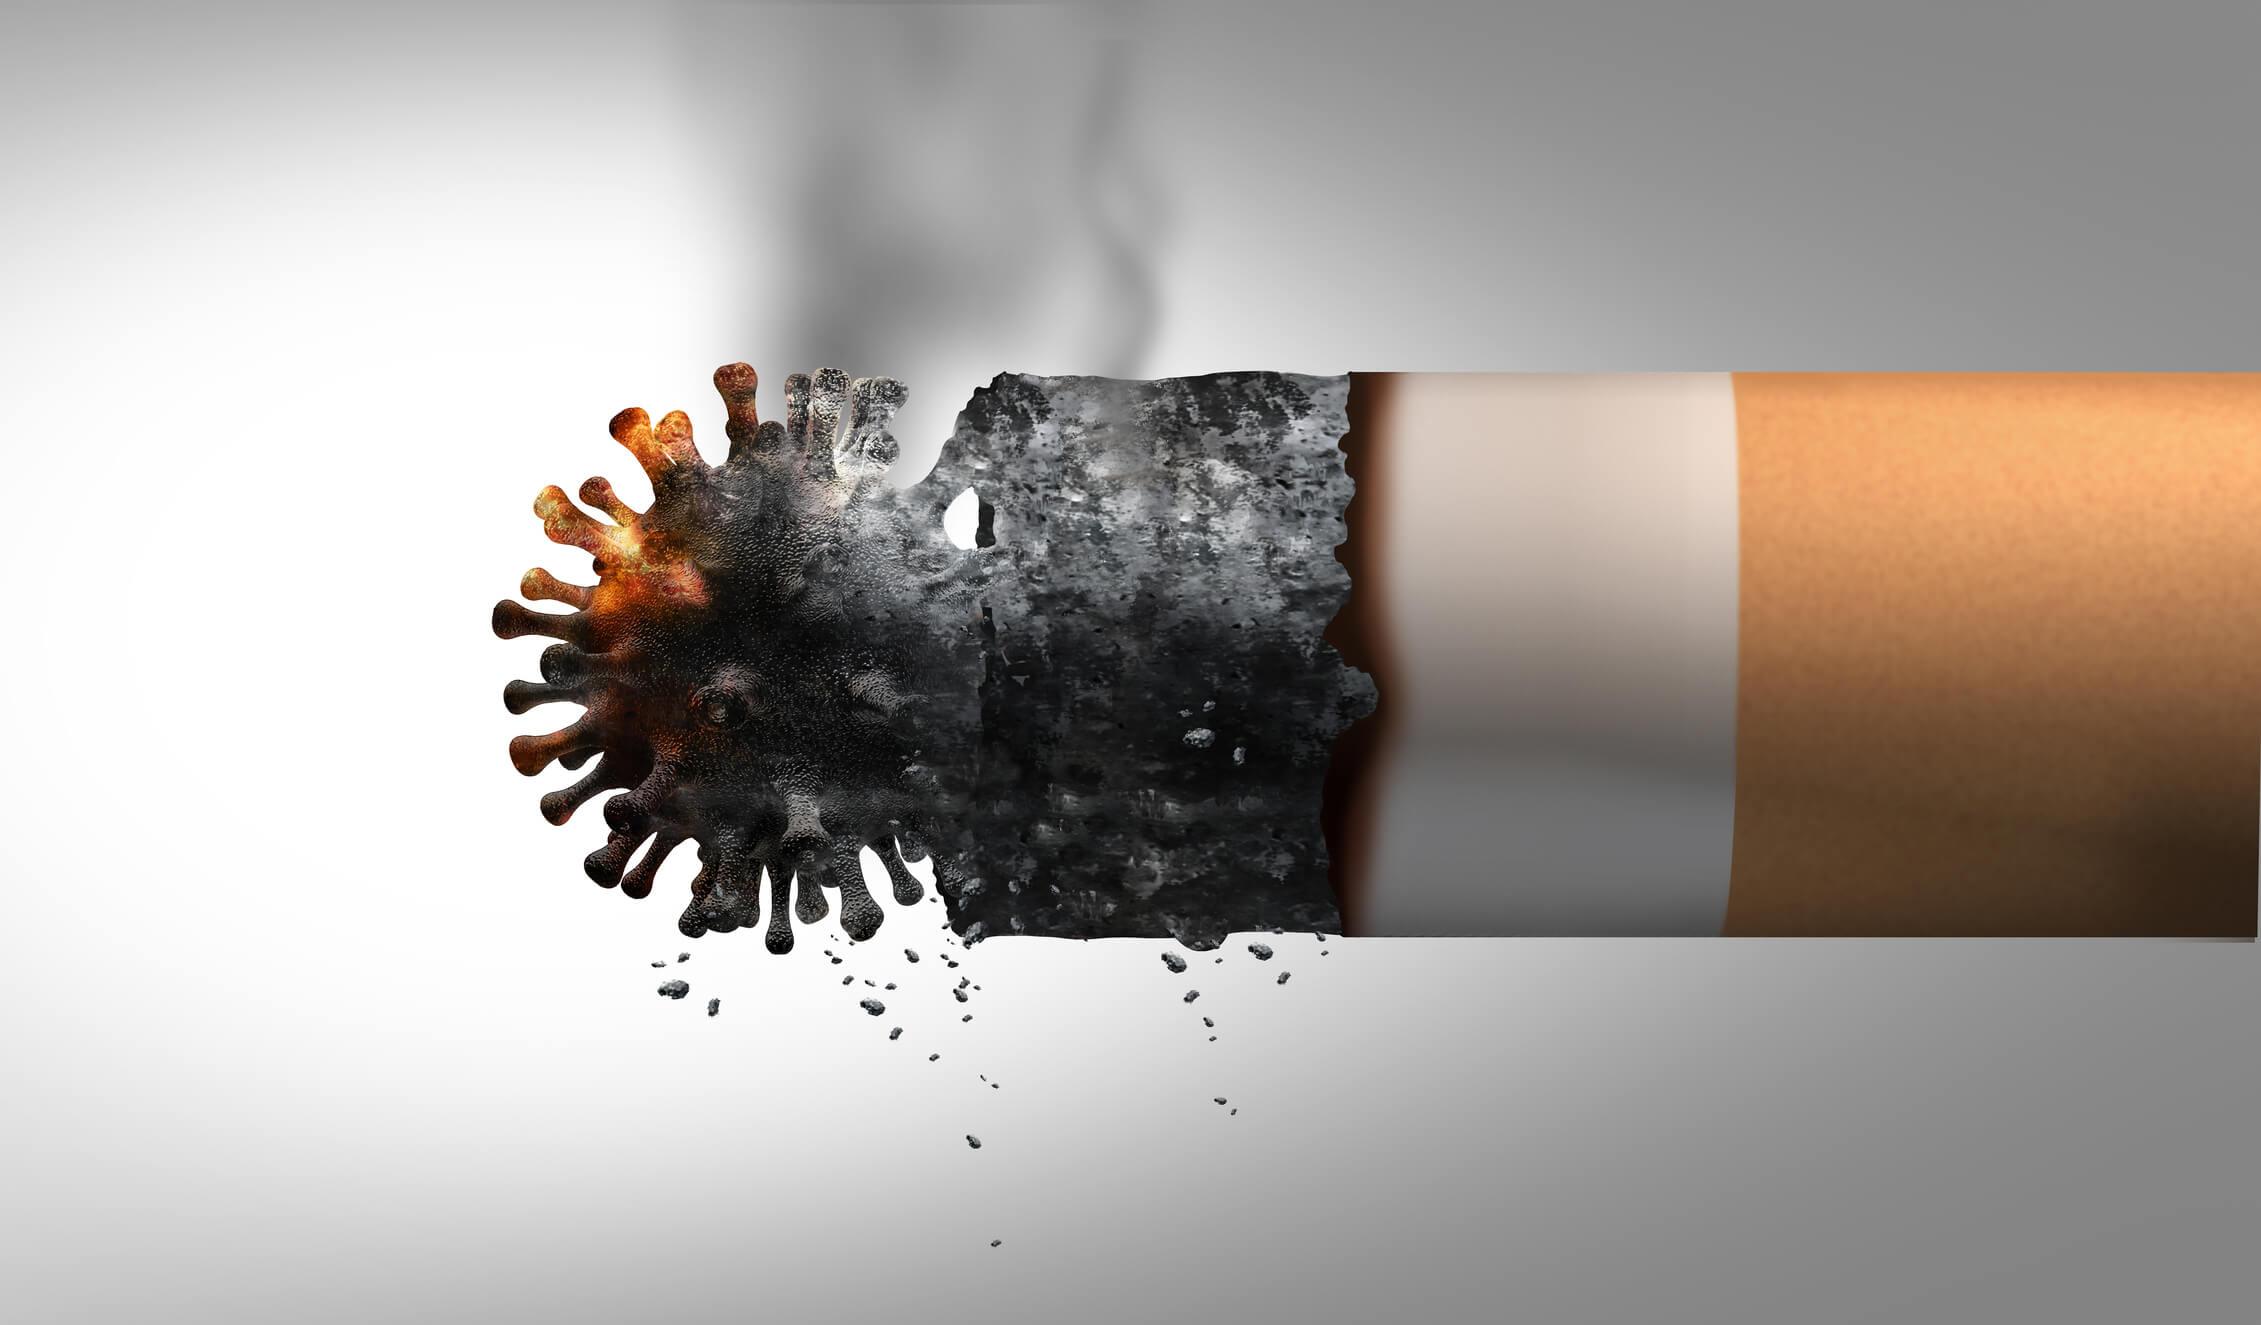 La fumée de cigarette électronique peut-elle propager la Covid-19 ?